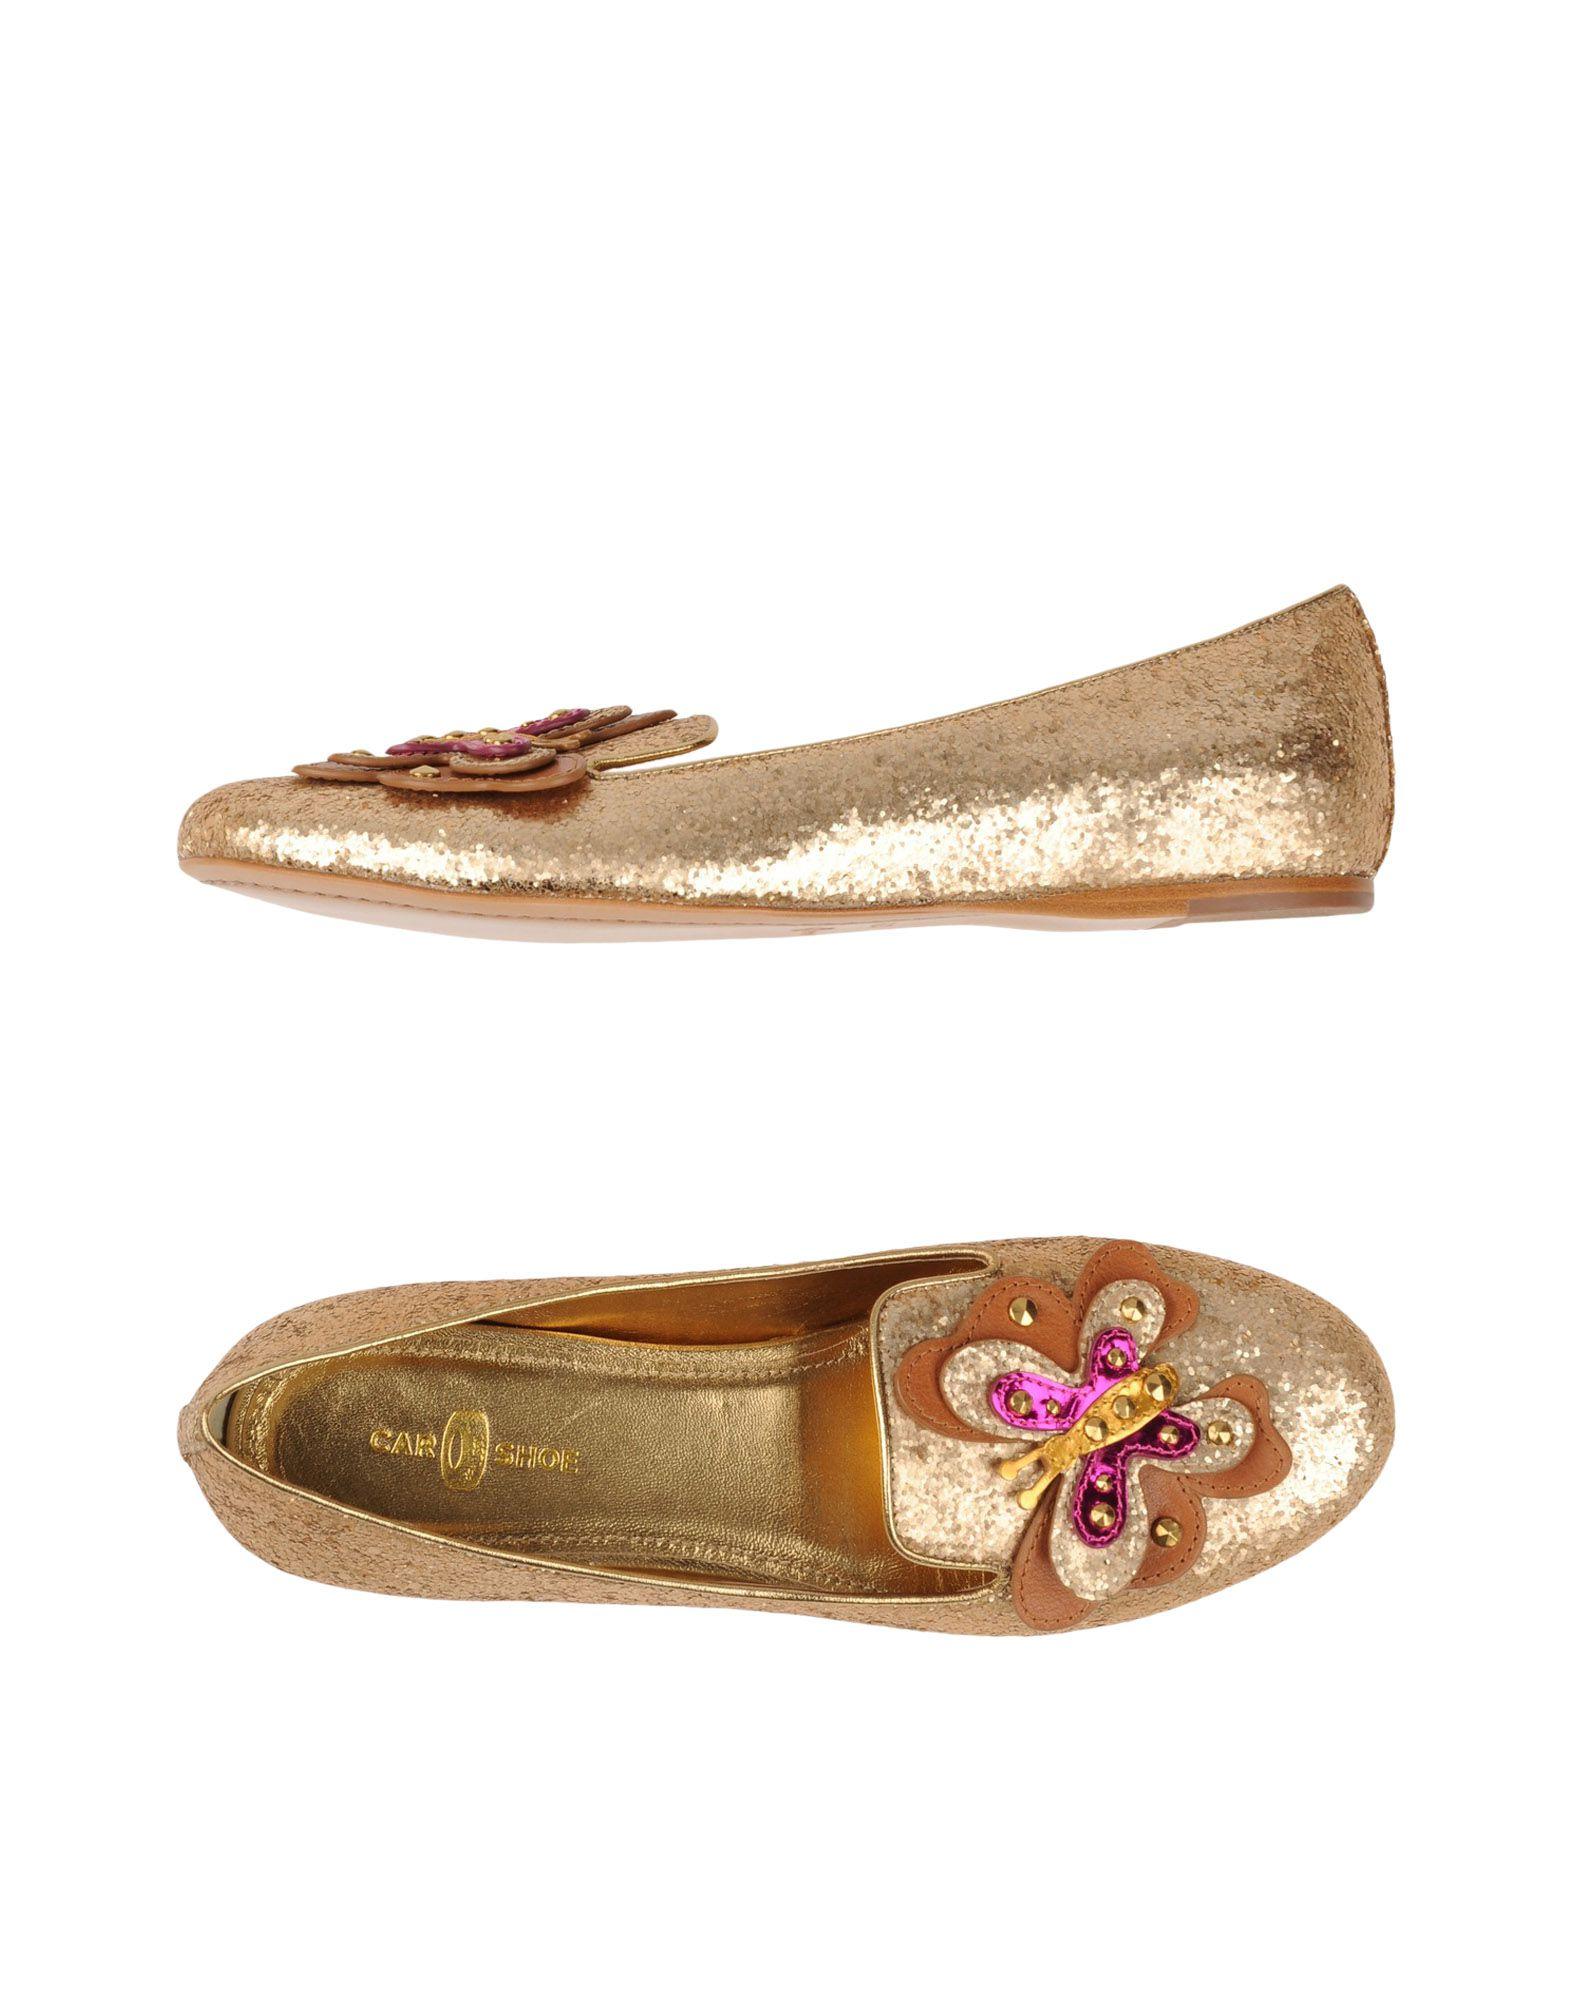 Ballerine Carshoe Donna - Acquista online su